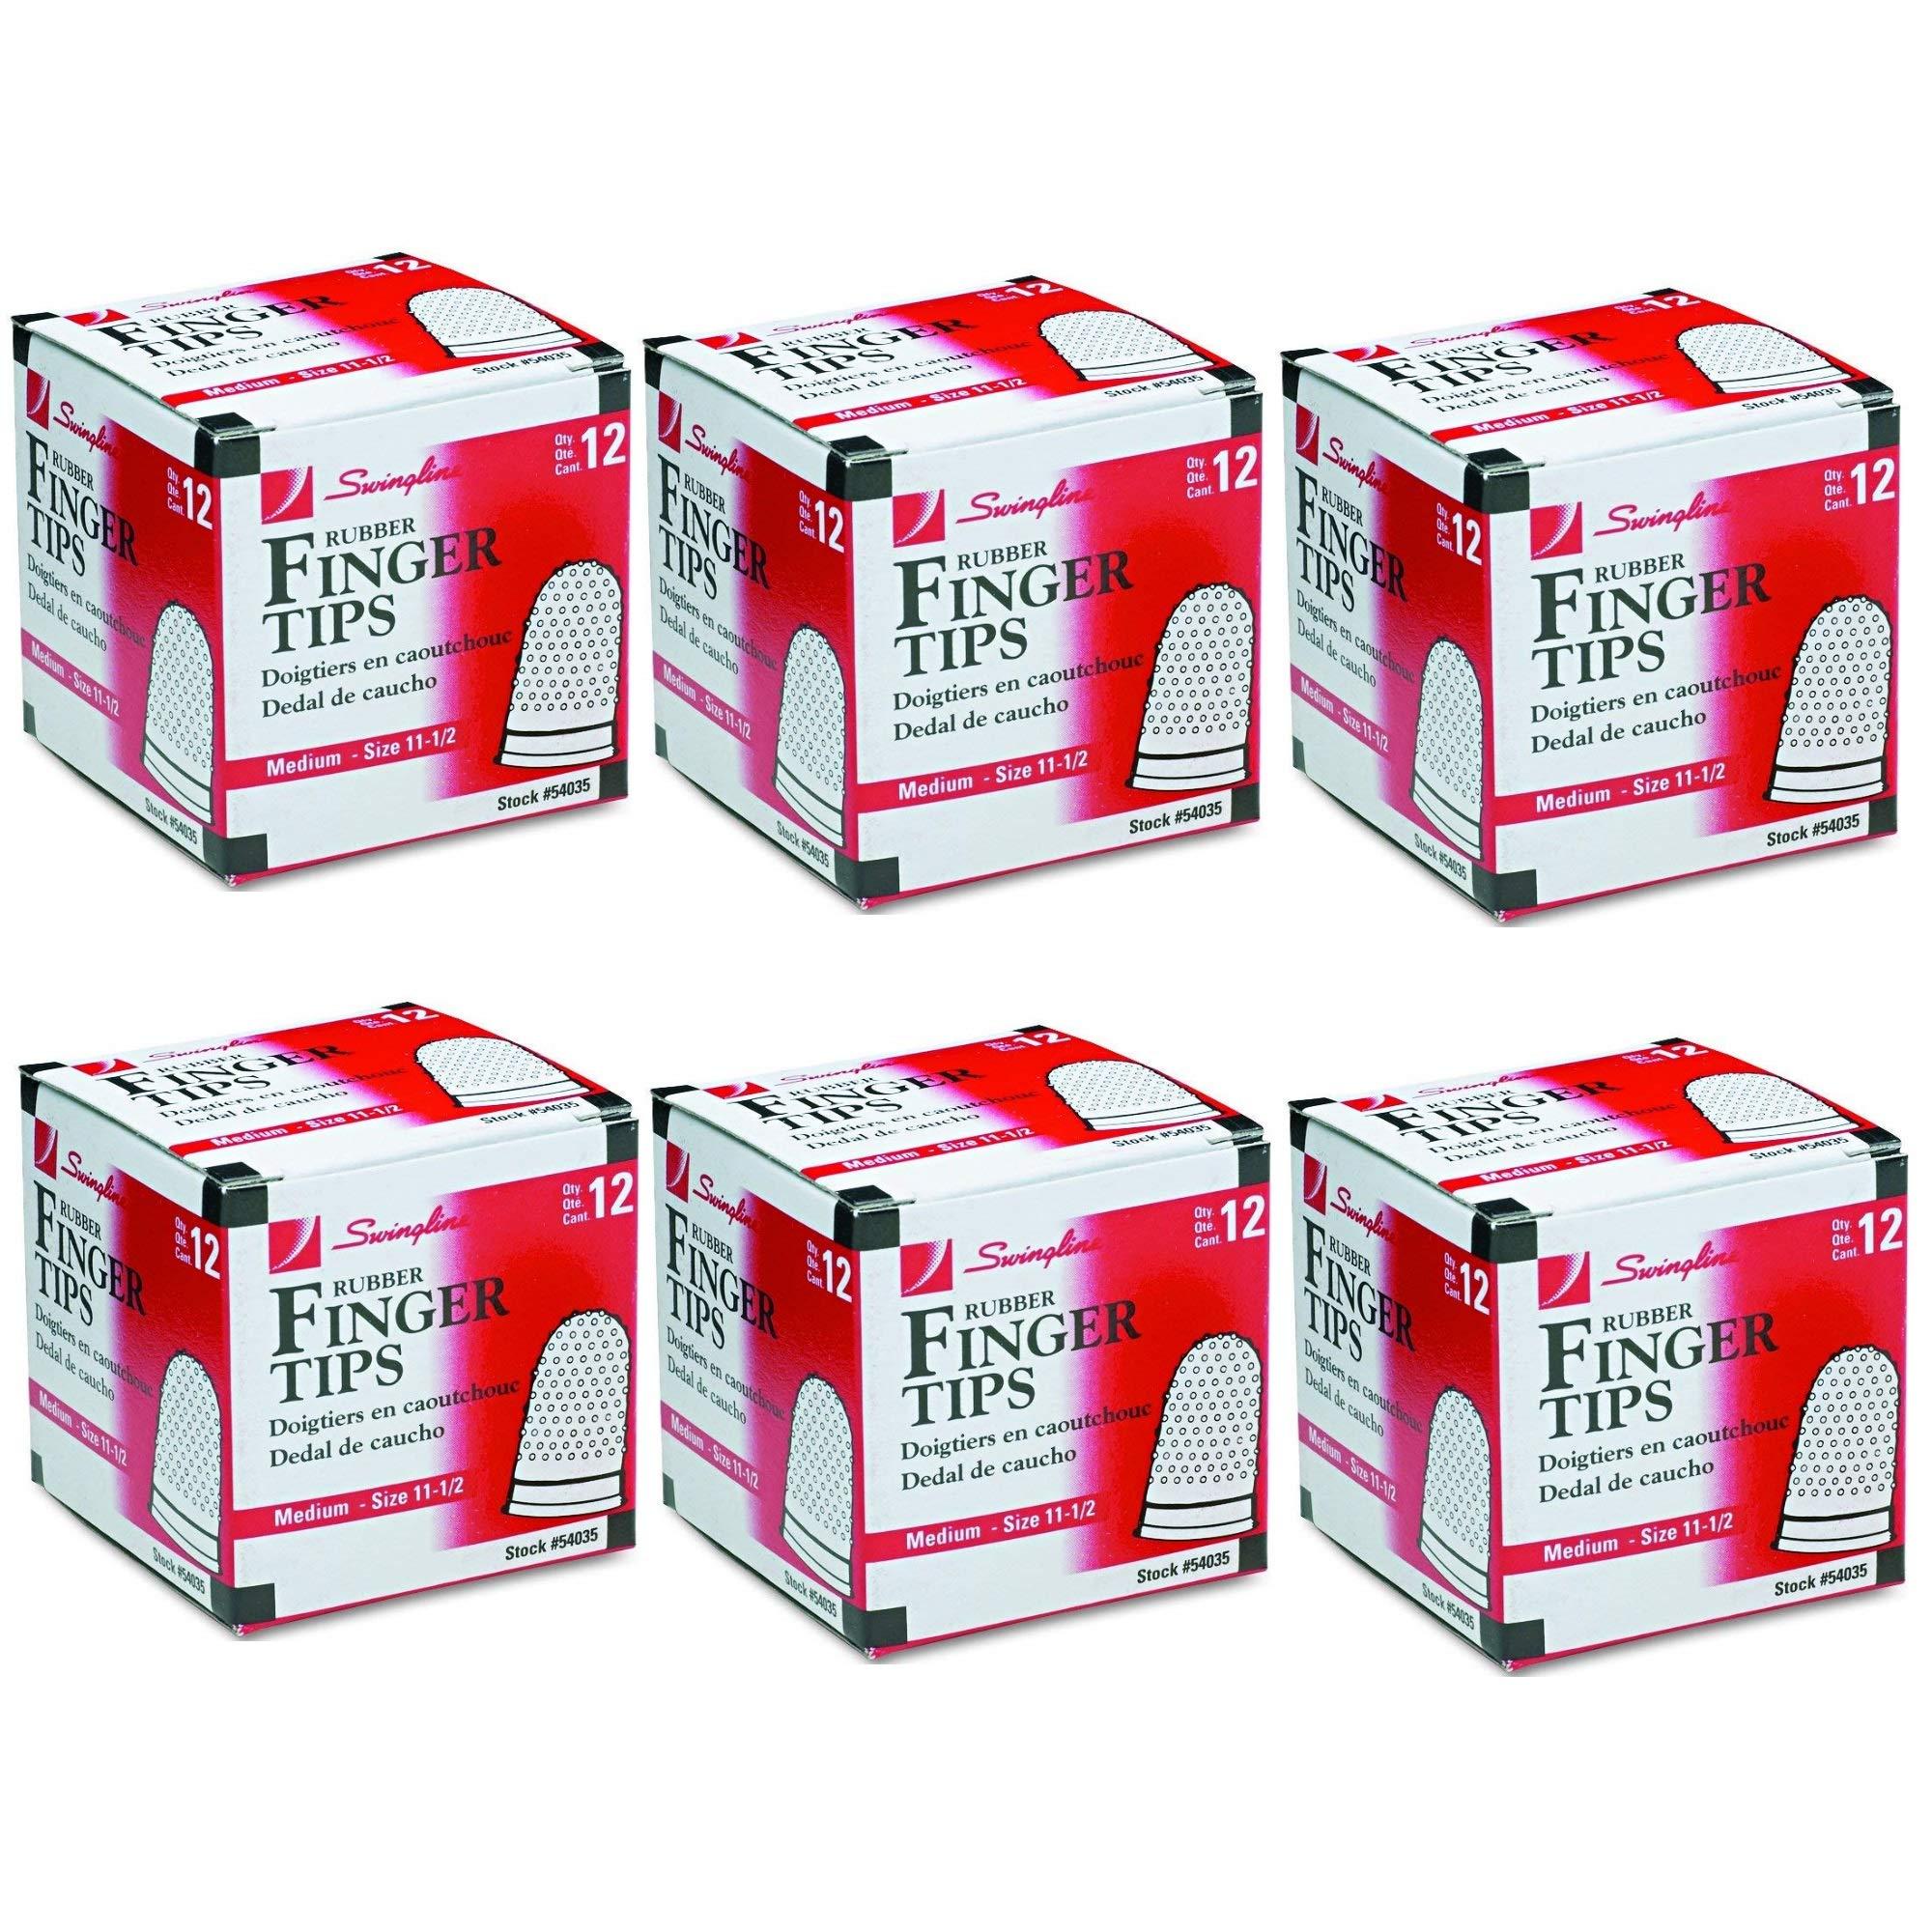 Swingline Rubber Finger Tips, Size 11 1/2, Medium, 12/Box (54035), 6 Pack by Swingline